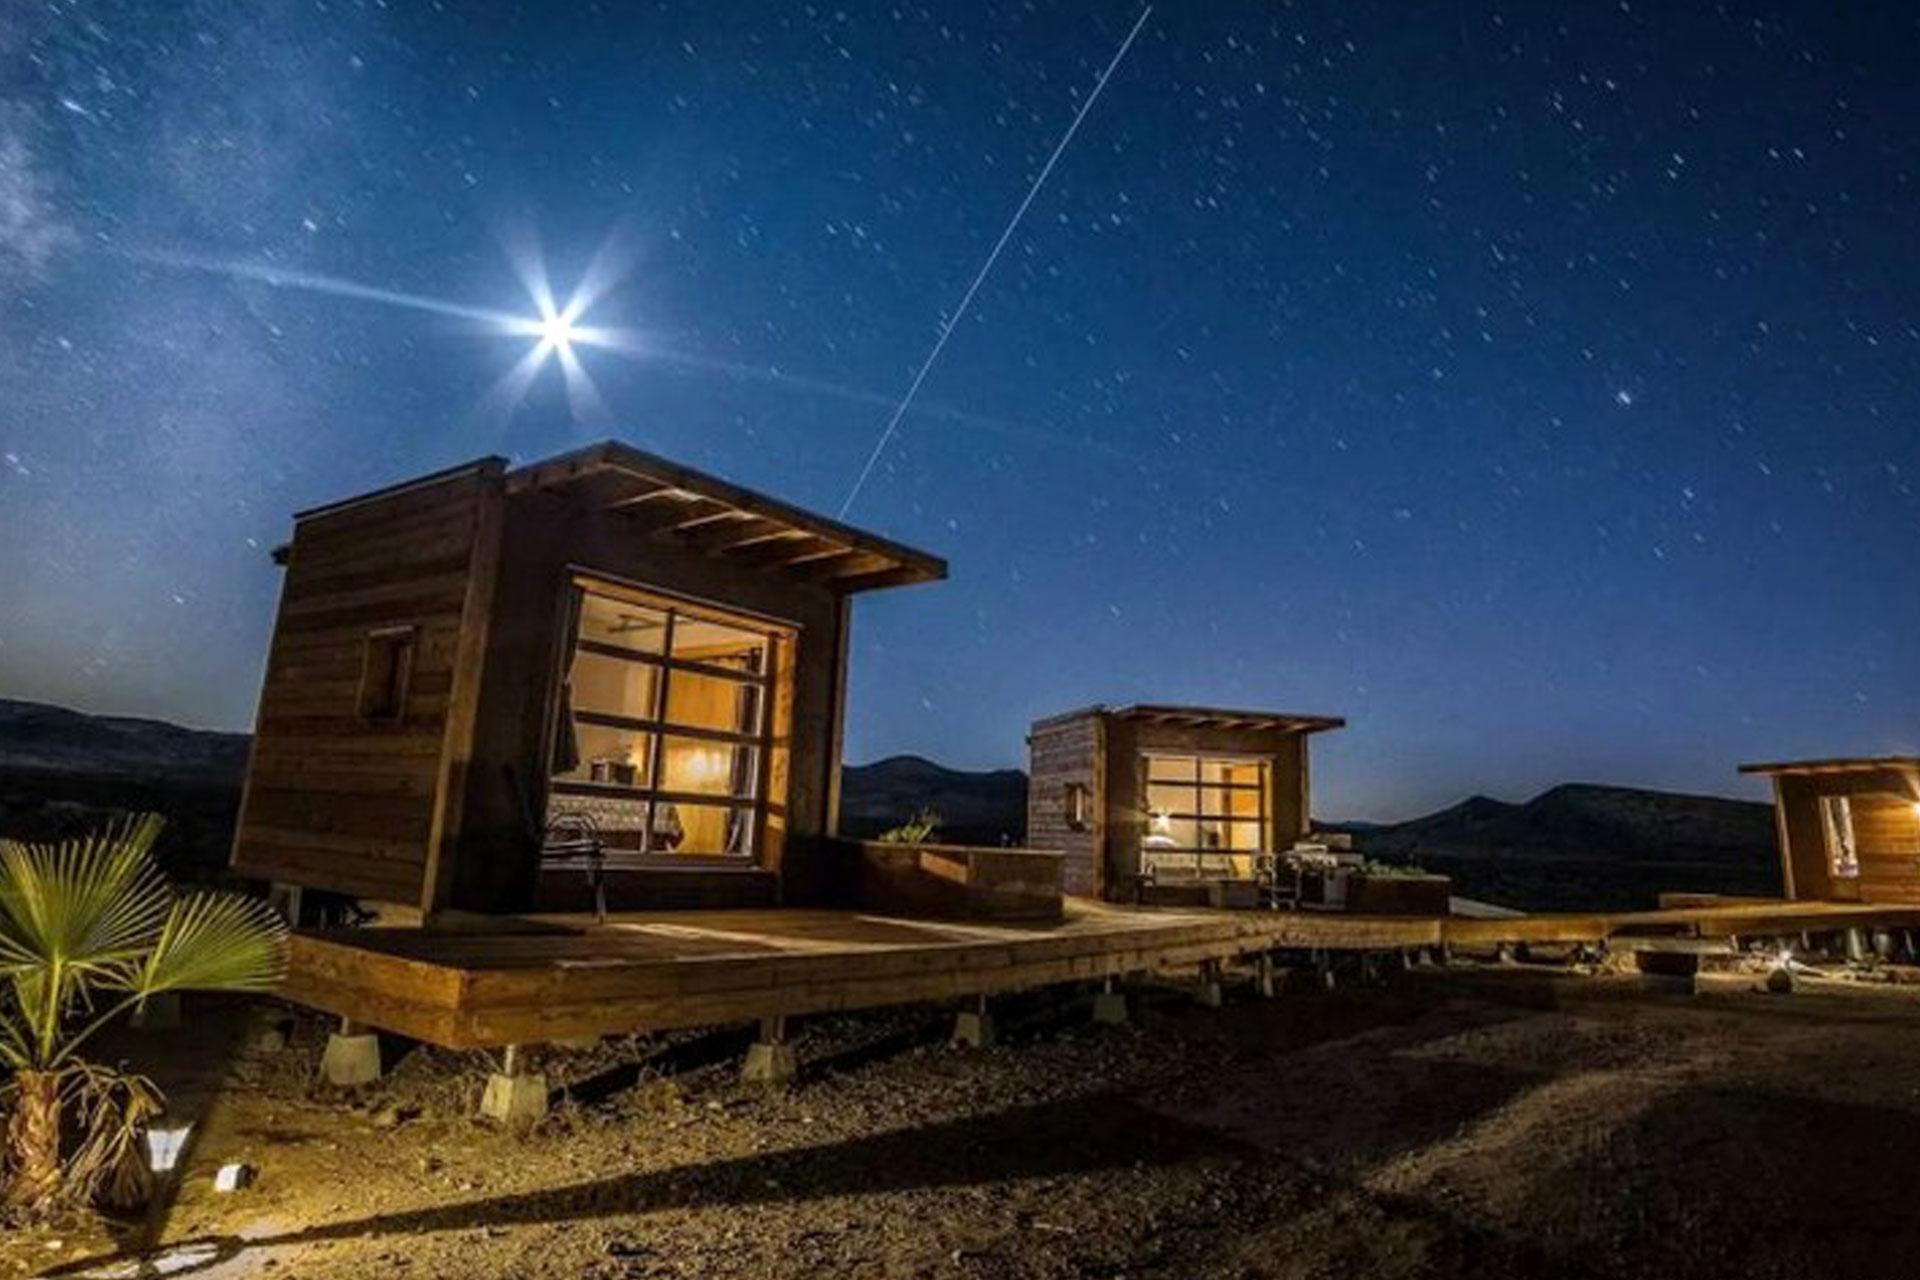 Mojave Desert Glamping in Ridgecrest, CA